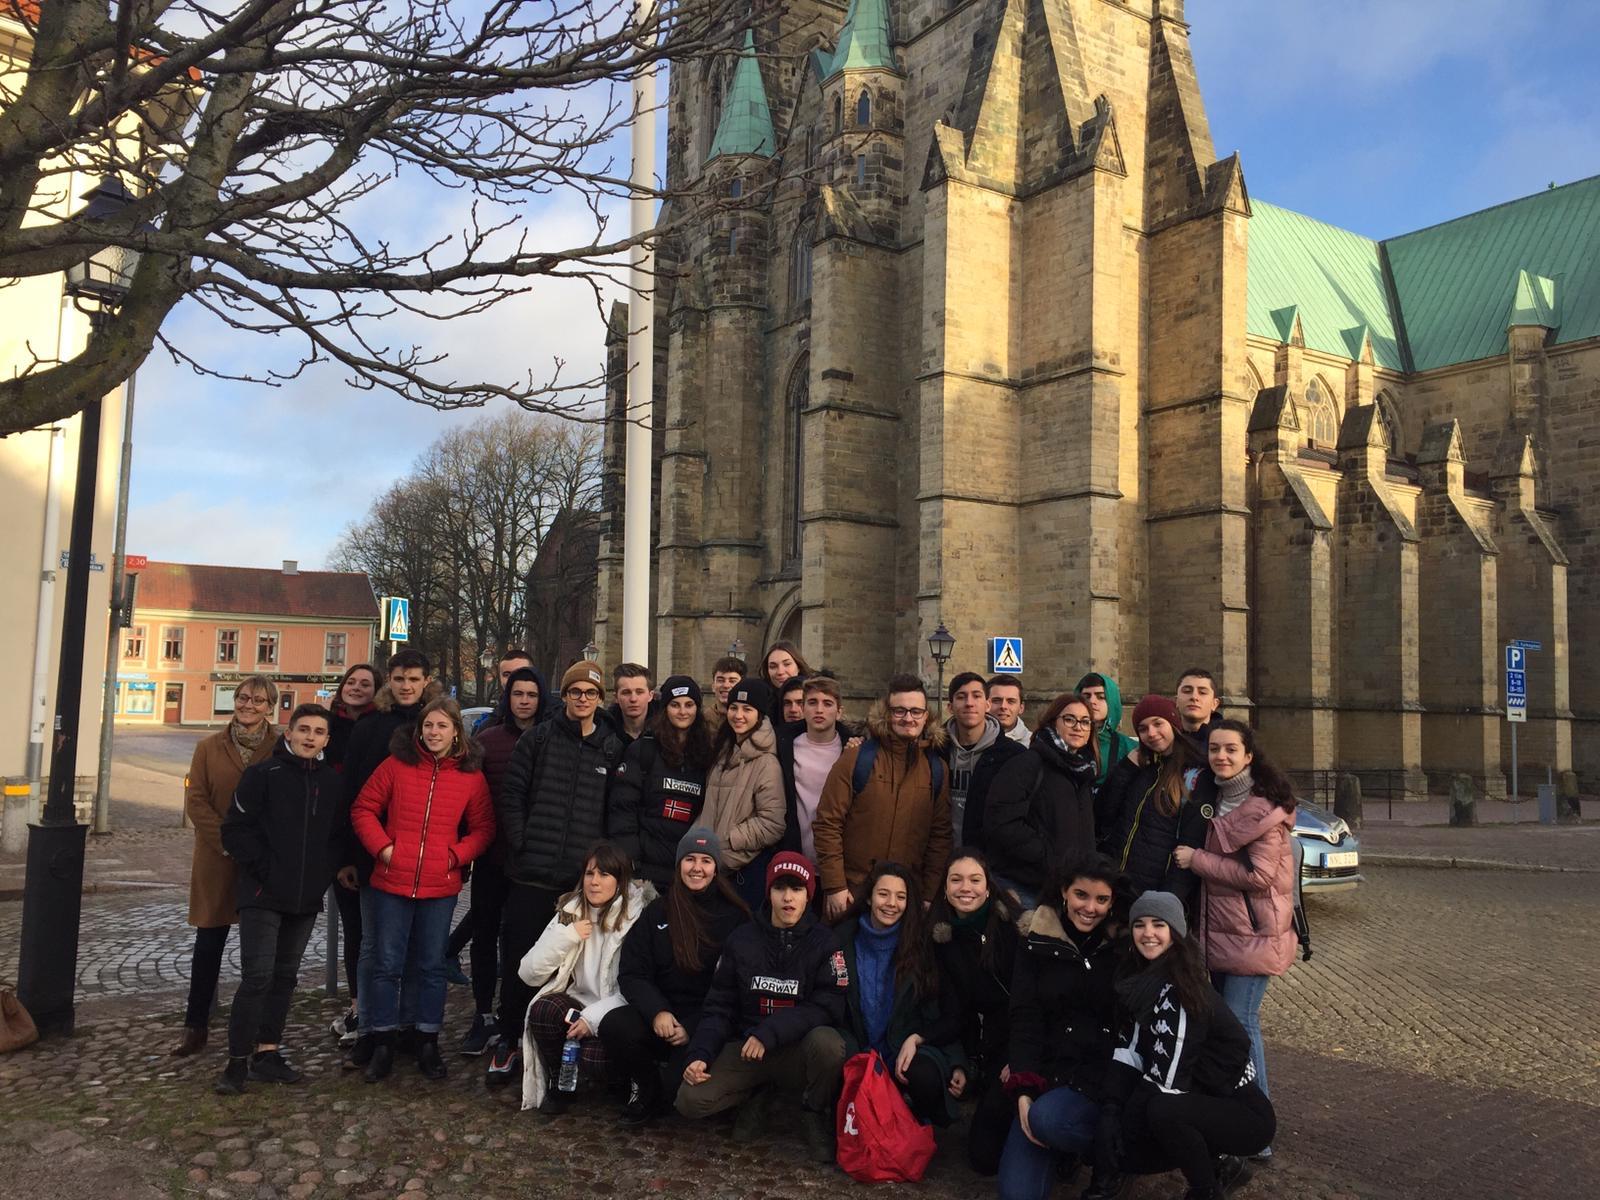 Los participantes en el intercambio con Skara (Suecia) ya están de vuelta